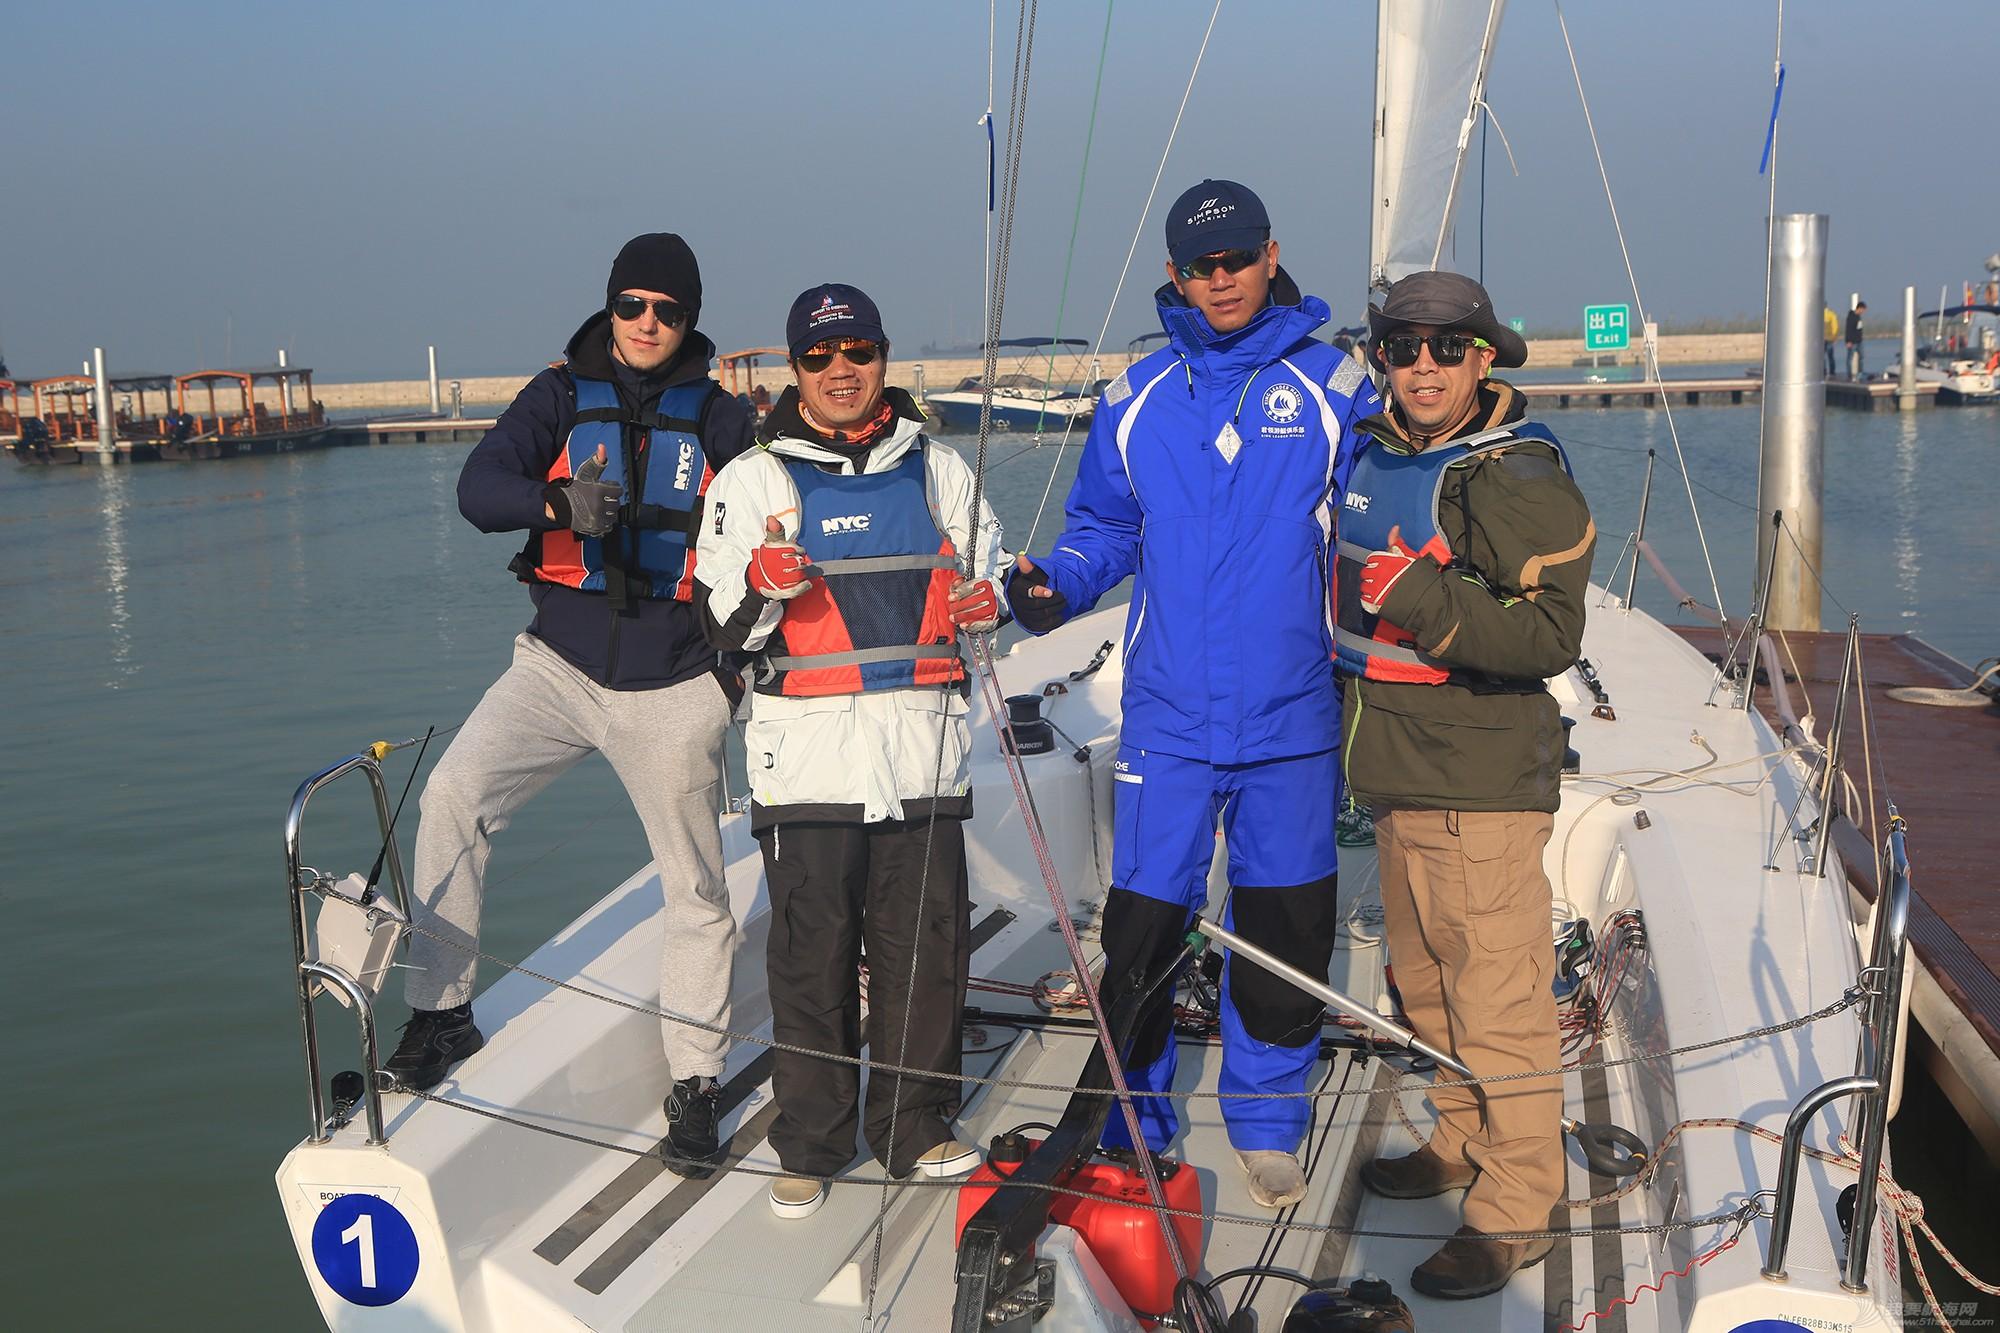 """拉力赛,帆船,太湖 2016""""菱湖湾杯""""环太湖帆船拉力赛参赛船队、船员风采 5V8A7577.JPG"""